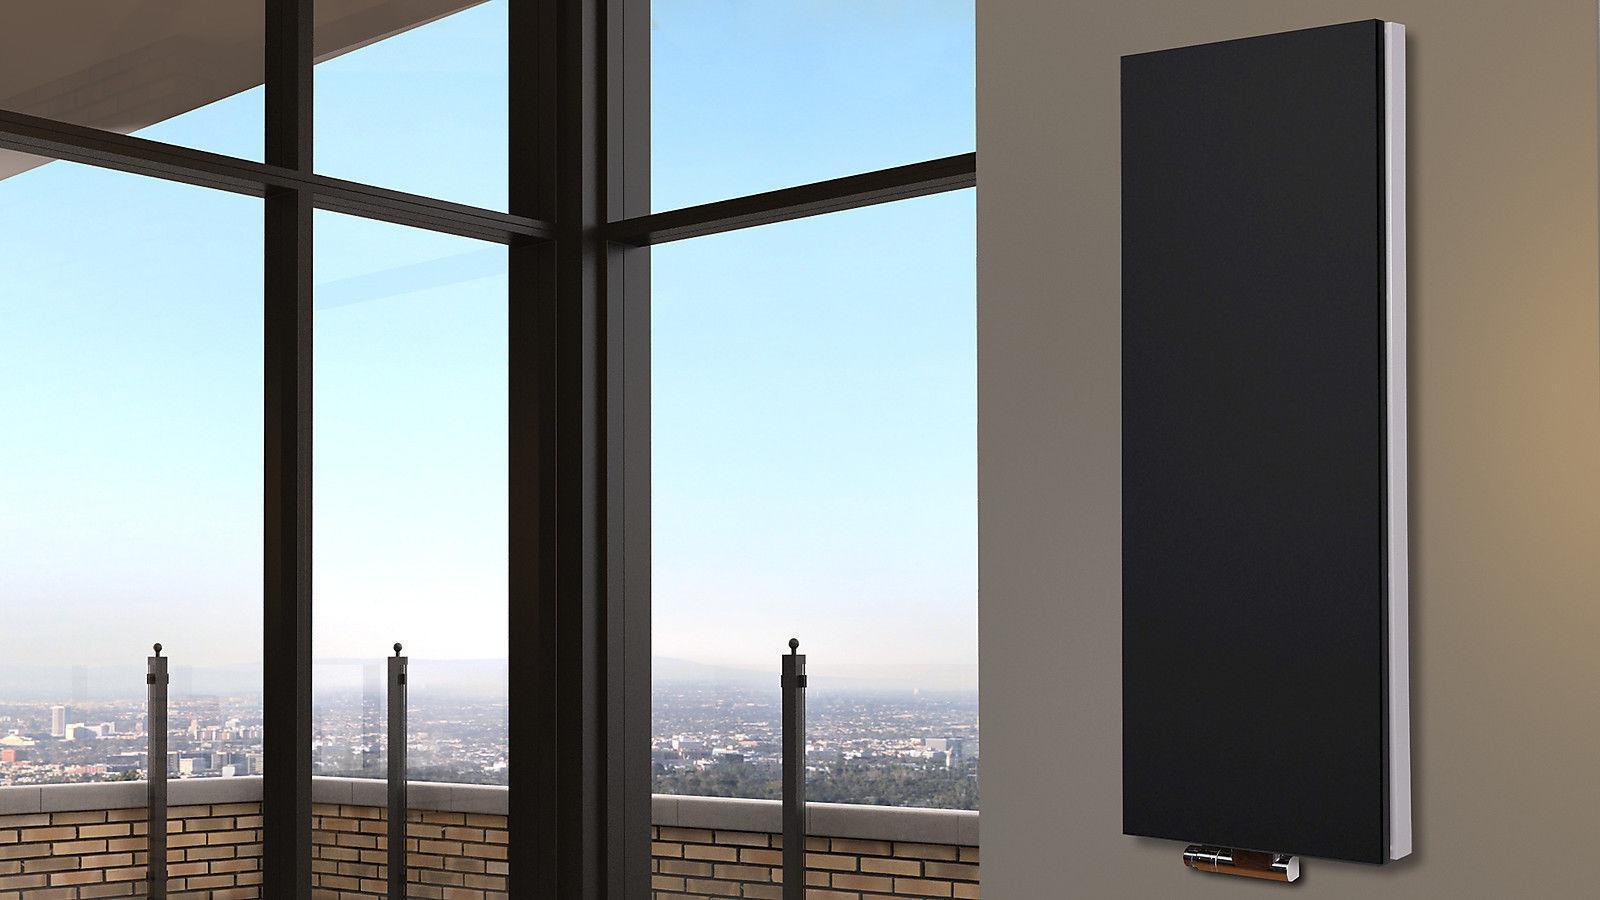 Full Size of Heizkörper Schwarz Badheizkrper Design Mirror Steel 5 Für Bad Wohnzimmer Badezimmer Elektroheizkörper Schwarze Küche Bett Weiß Schwarzes 180x200 Wohnzimmer Heizkörper Schwarz